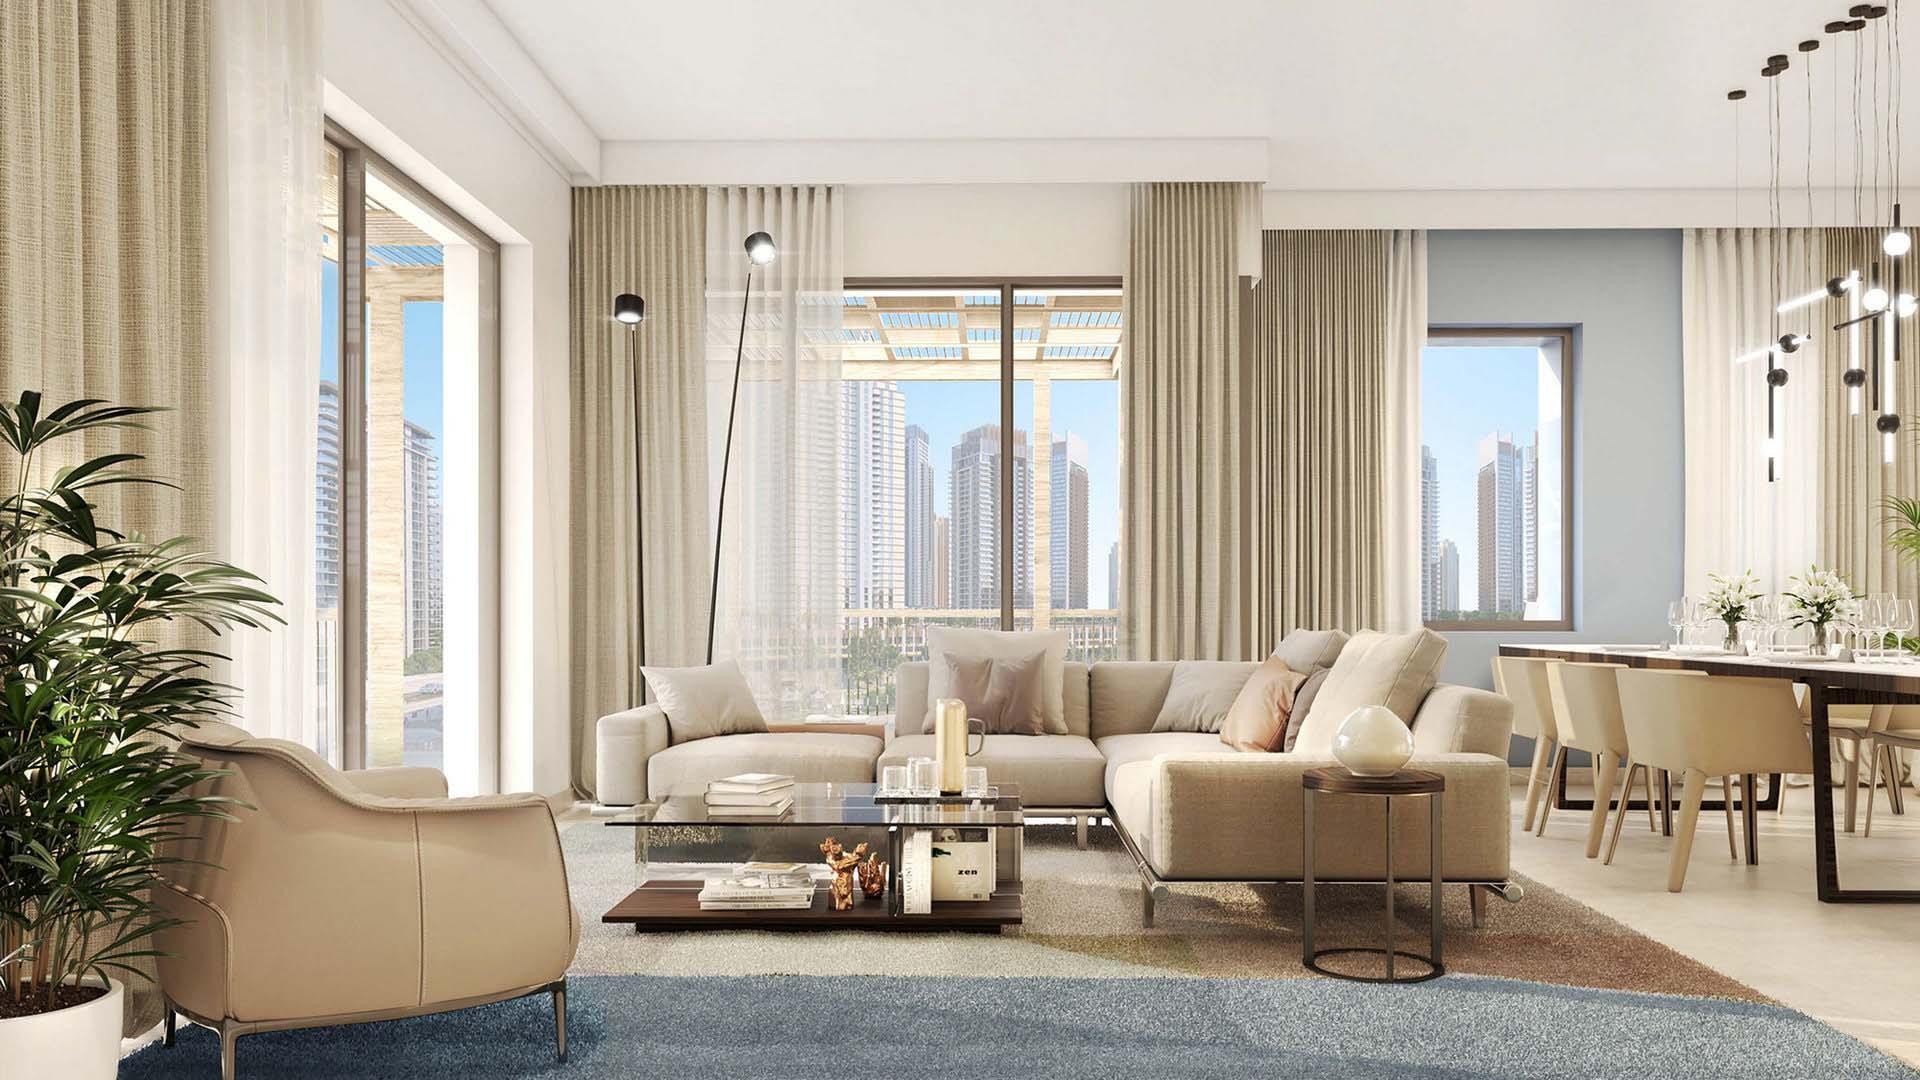 Apartamento en venta en Dubai, EAU, 3 dormitorios, 239 m2, № 24589 – foto 1